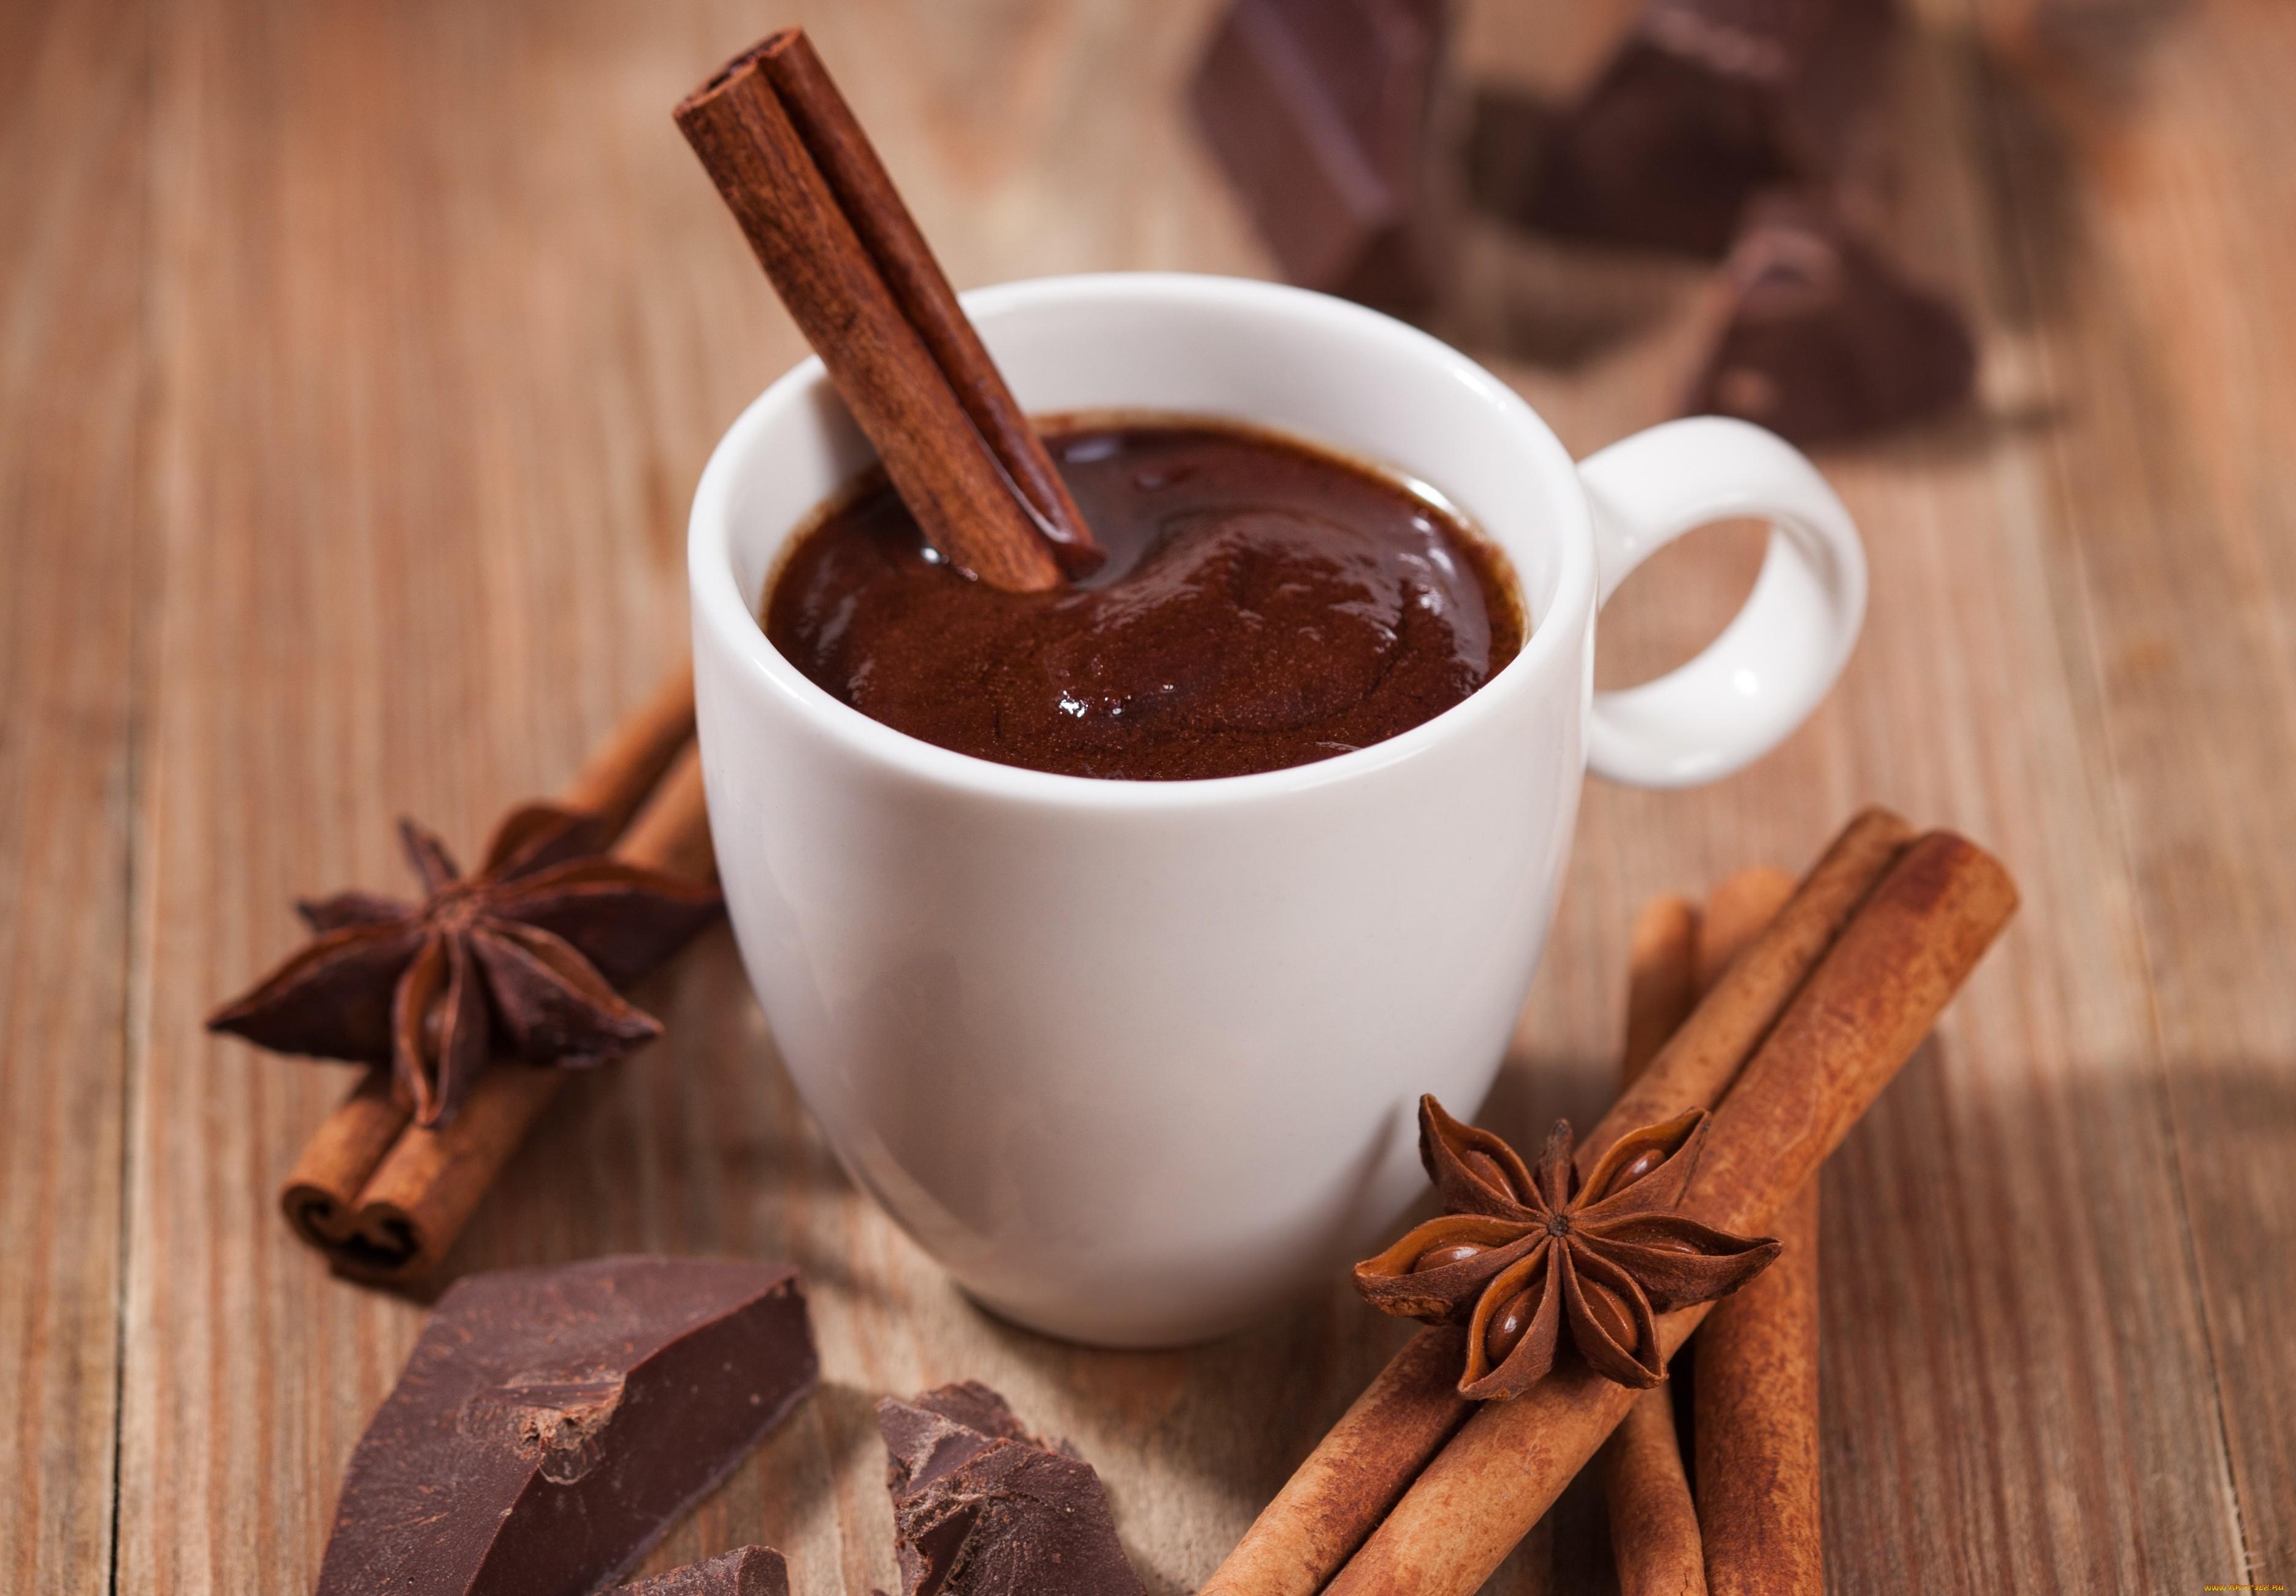 Горячий шоколад из шоколада со специями